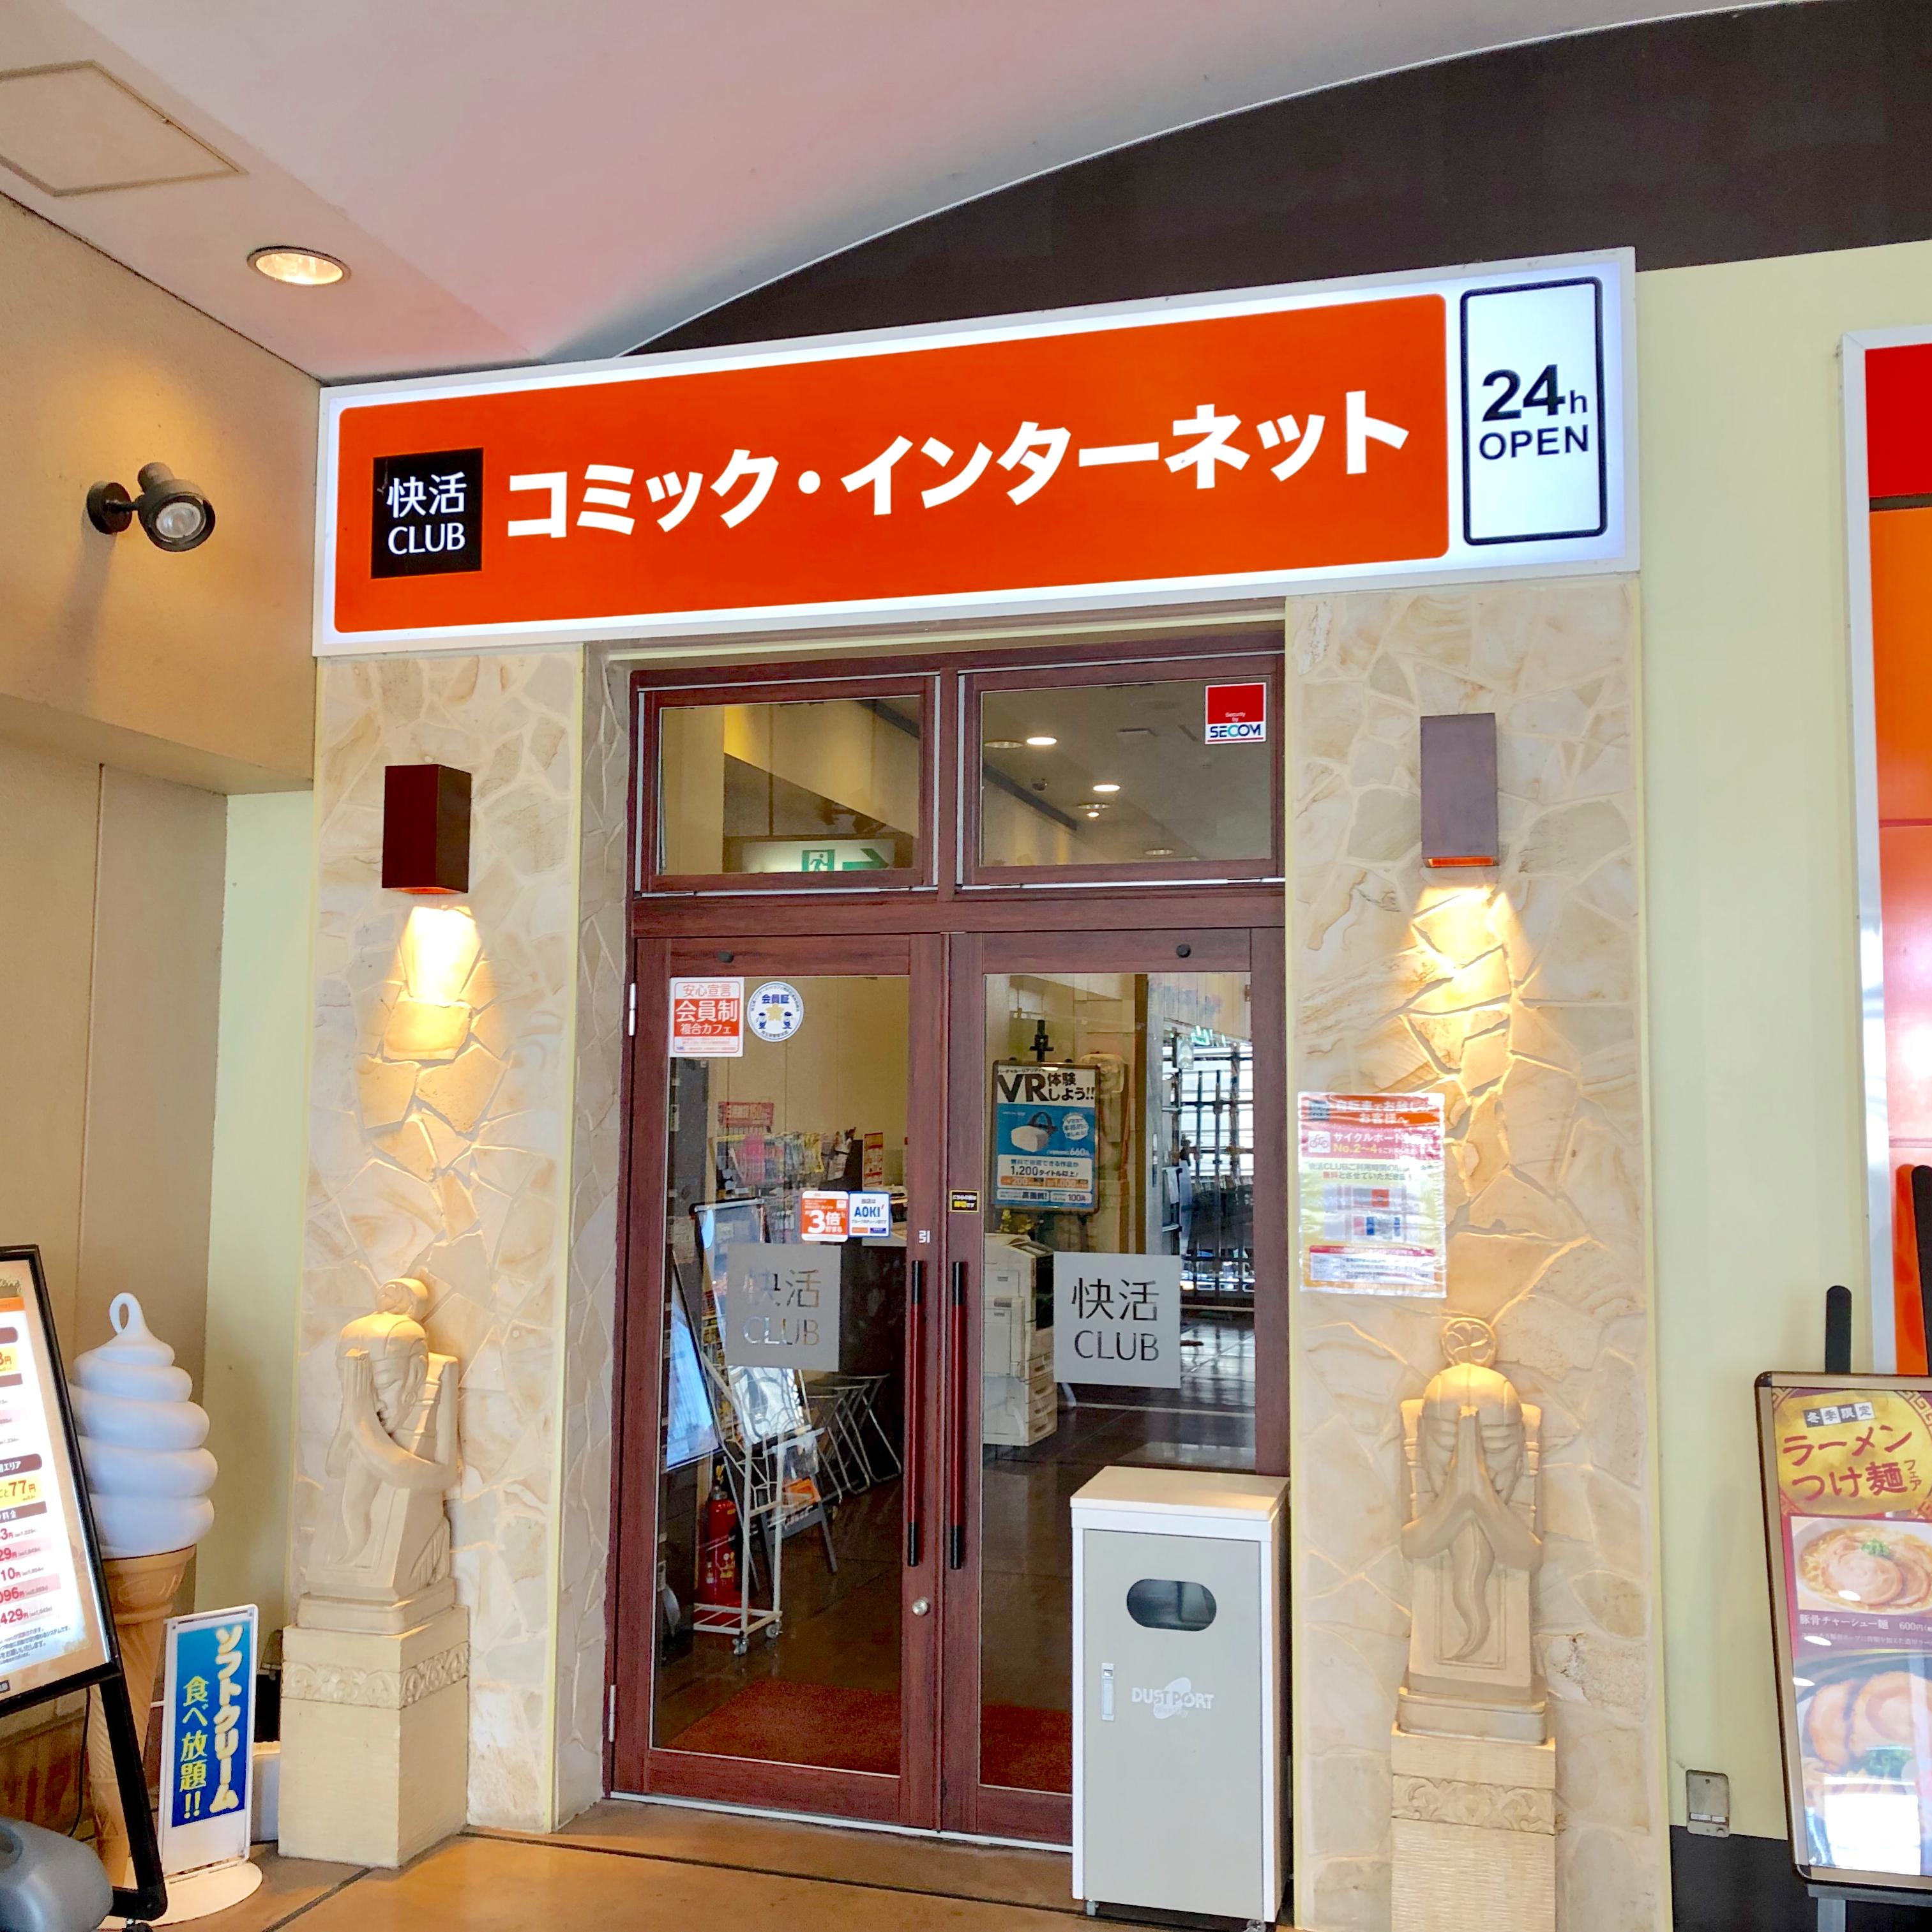 快活CLUB 春日部ユリノキ店が9月中旬オープン!同じ場所にフィットネスジムのFiT24も開店♪